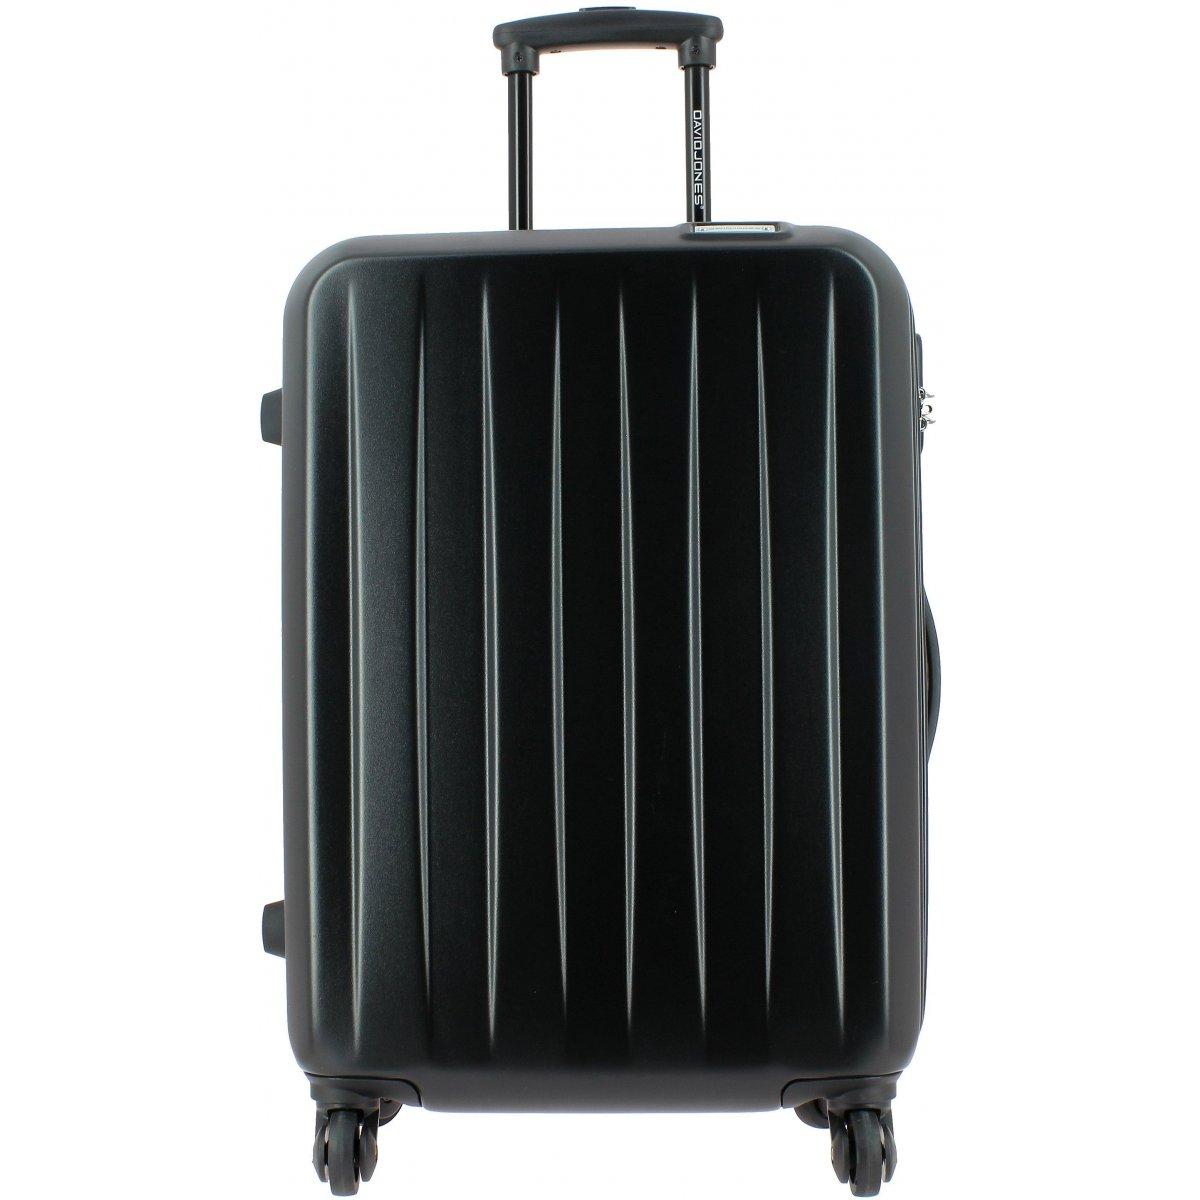 valise rigide pas cher. Black Bedroom Furniture Sets. Home Design Ideas